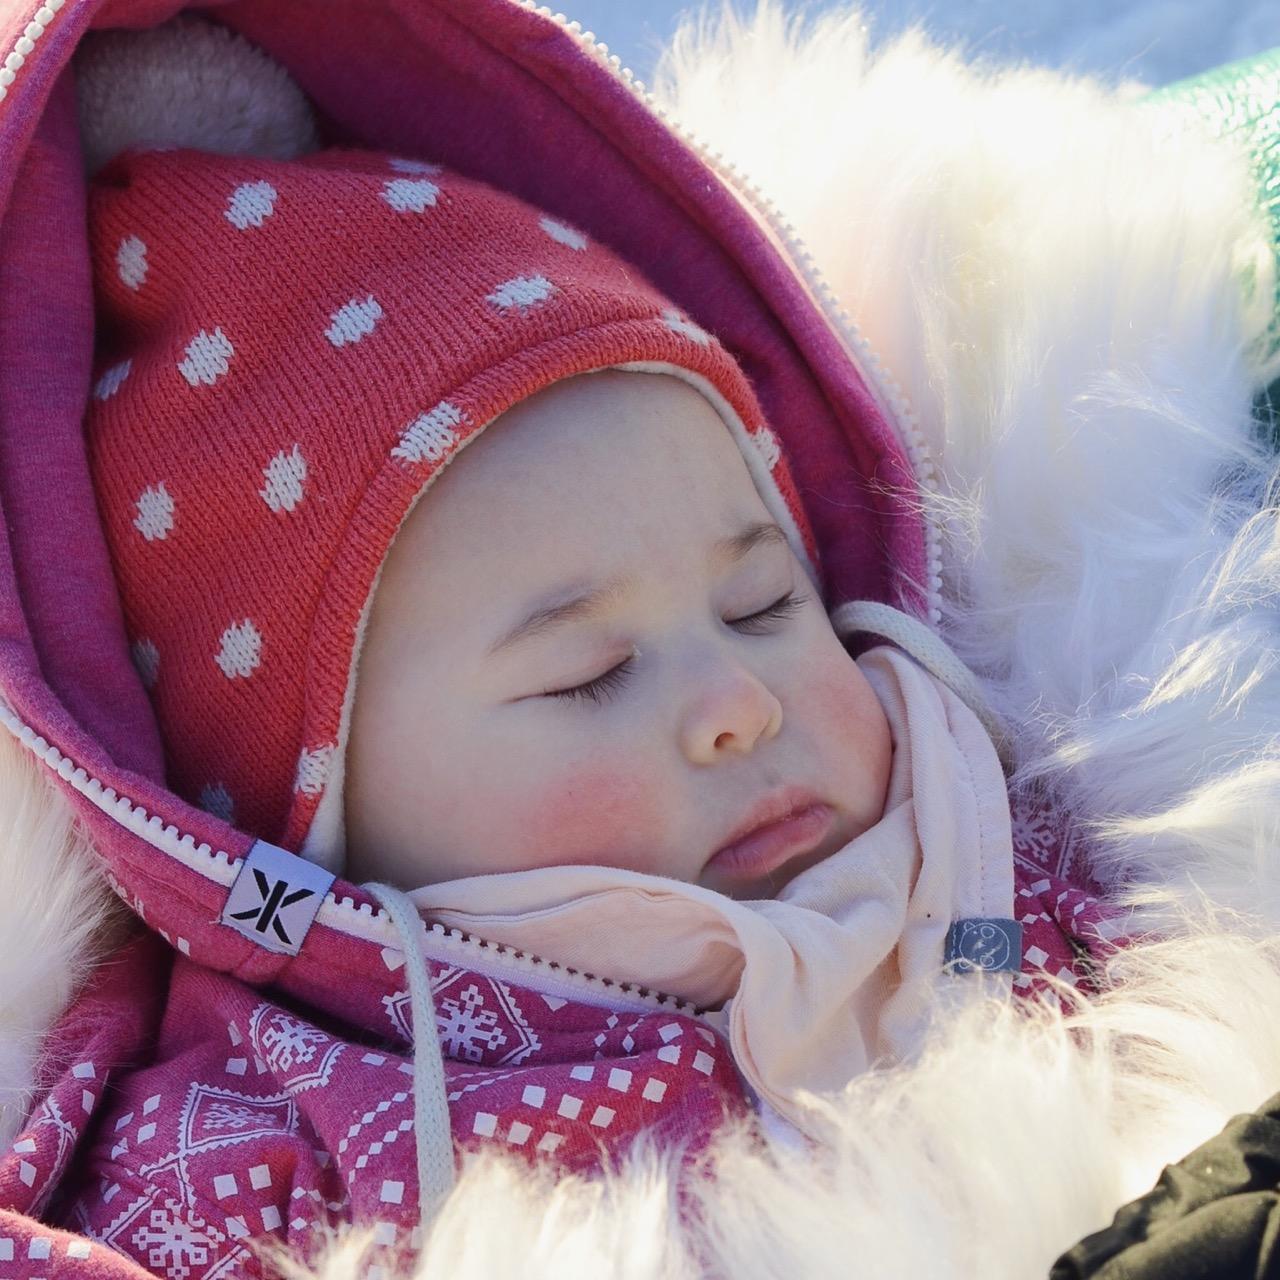 livingmiriam: att klä bebis i minusgrader för bärsjal/sele